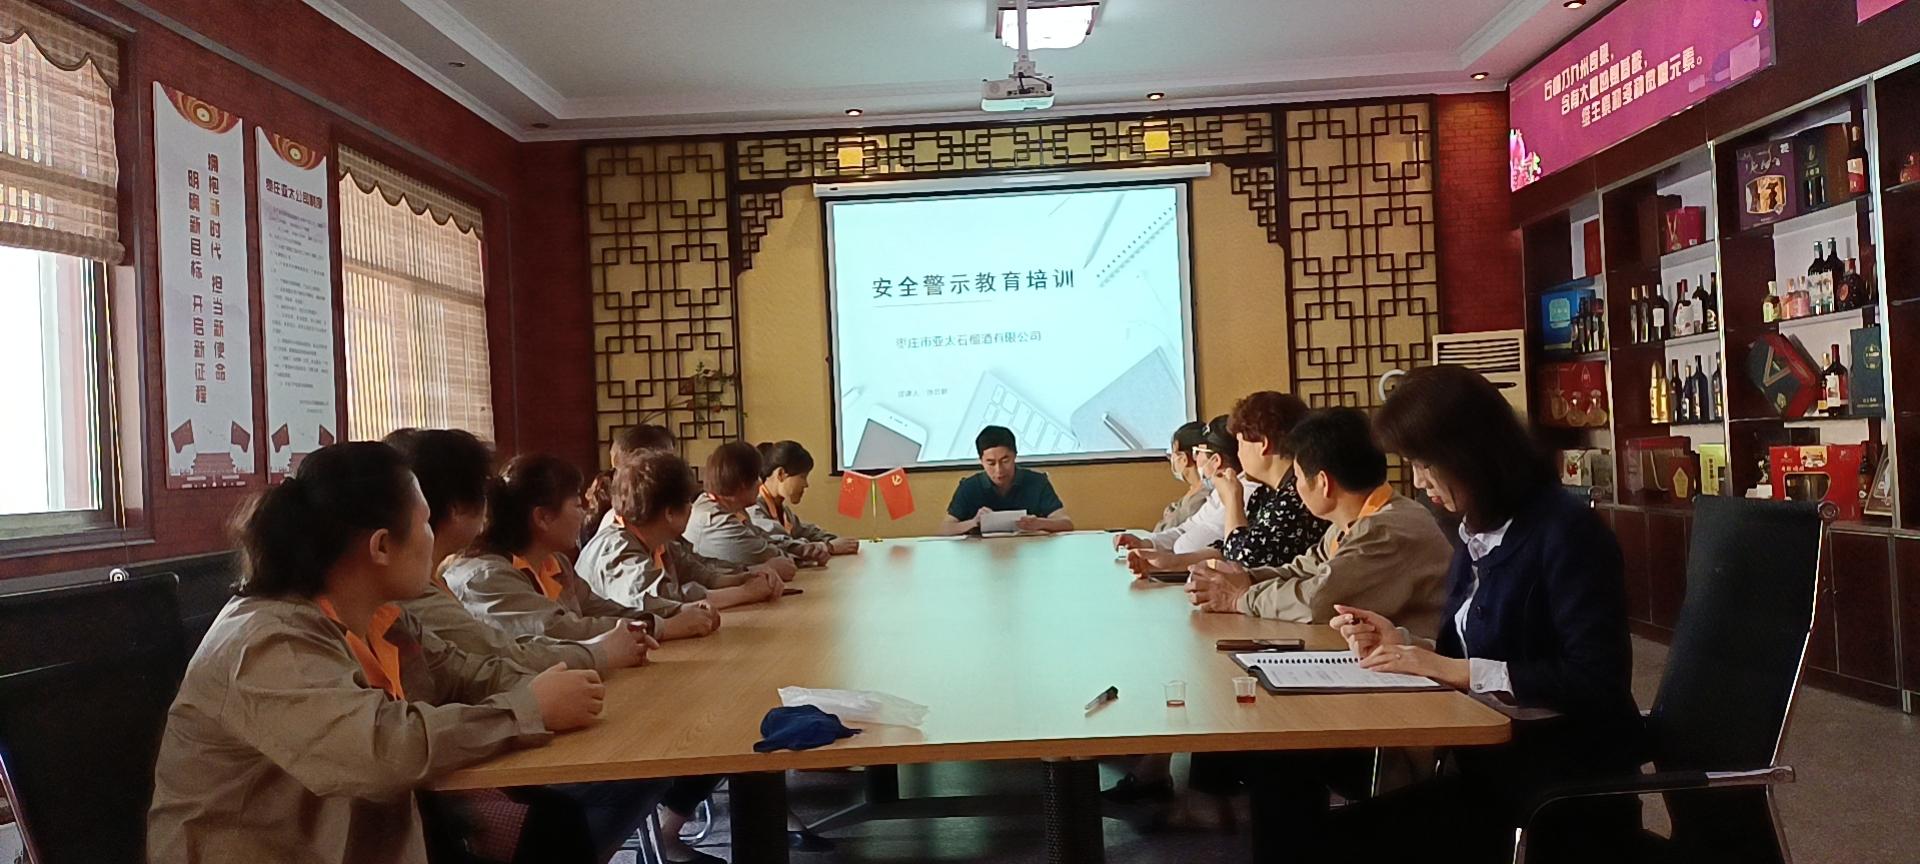 枣庄市亚太石榴酒有限公司开展安全警示教育培训